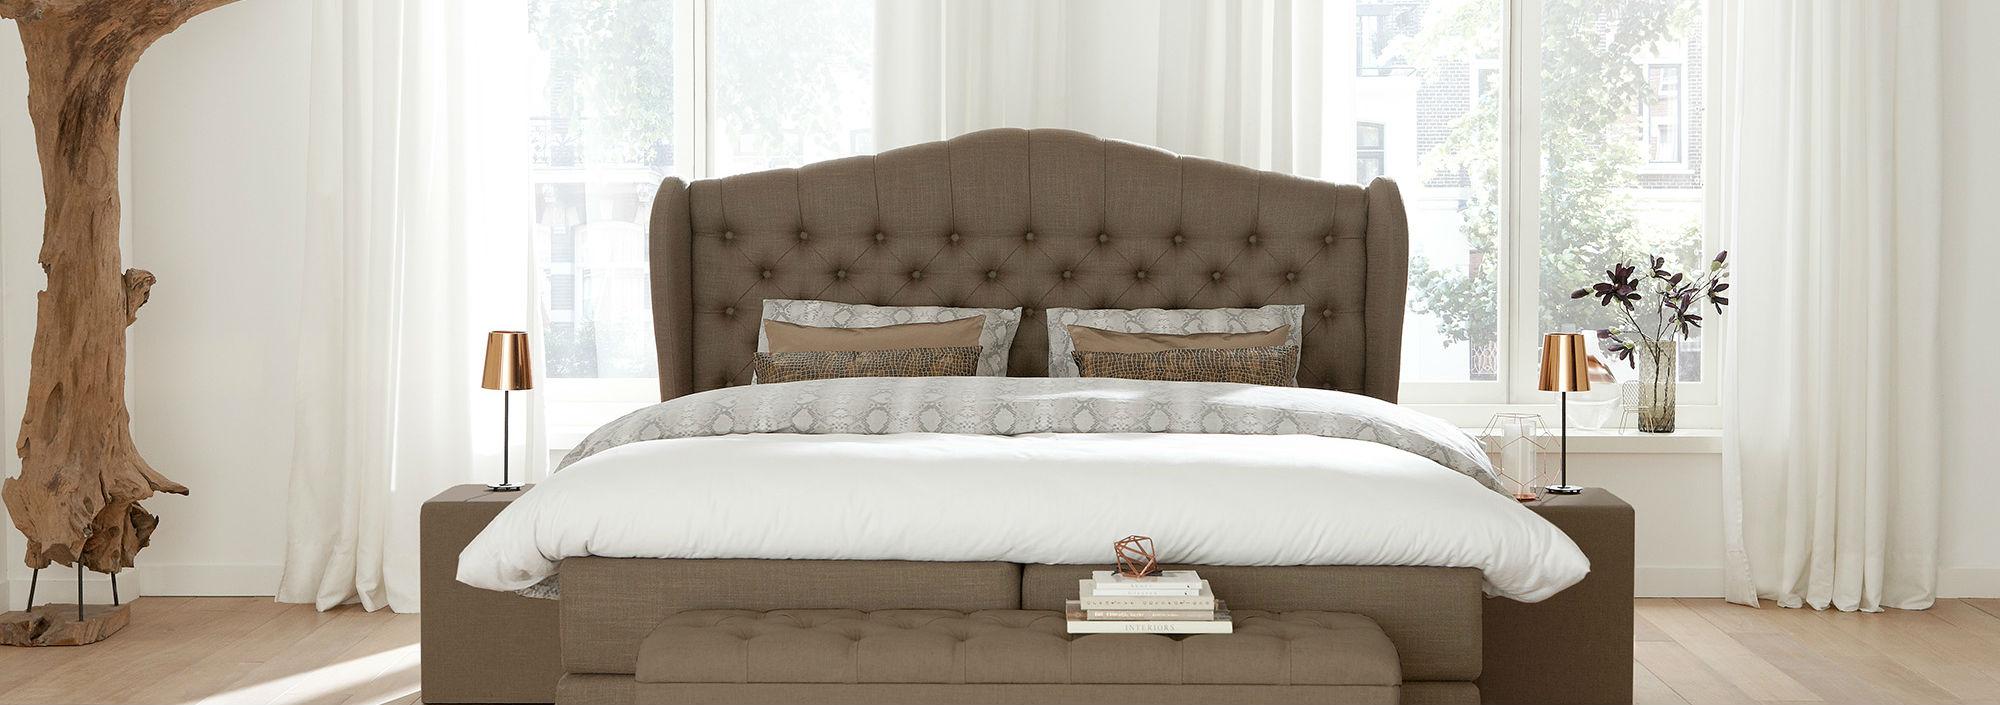 Full Size of Amerikanisch Bett Bestellen Groe Auswahl Bei Swiss Sense Betten Mit Aufbewahrung Amerikanisches Außergewöhnliche Ebay 180x200 Landhausstil Amerikanische Bett Amerikanische Betten